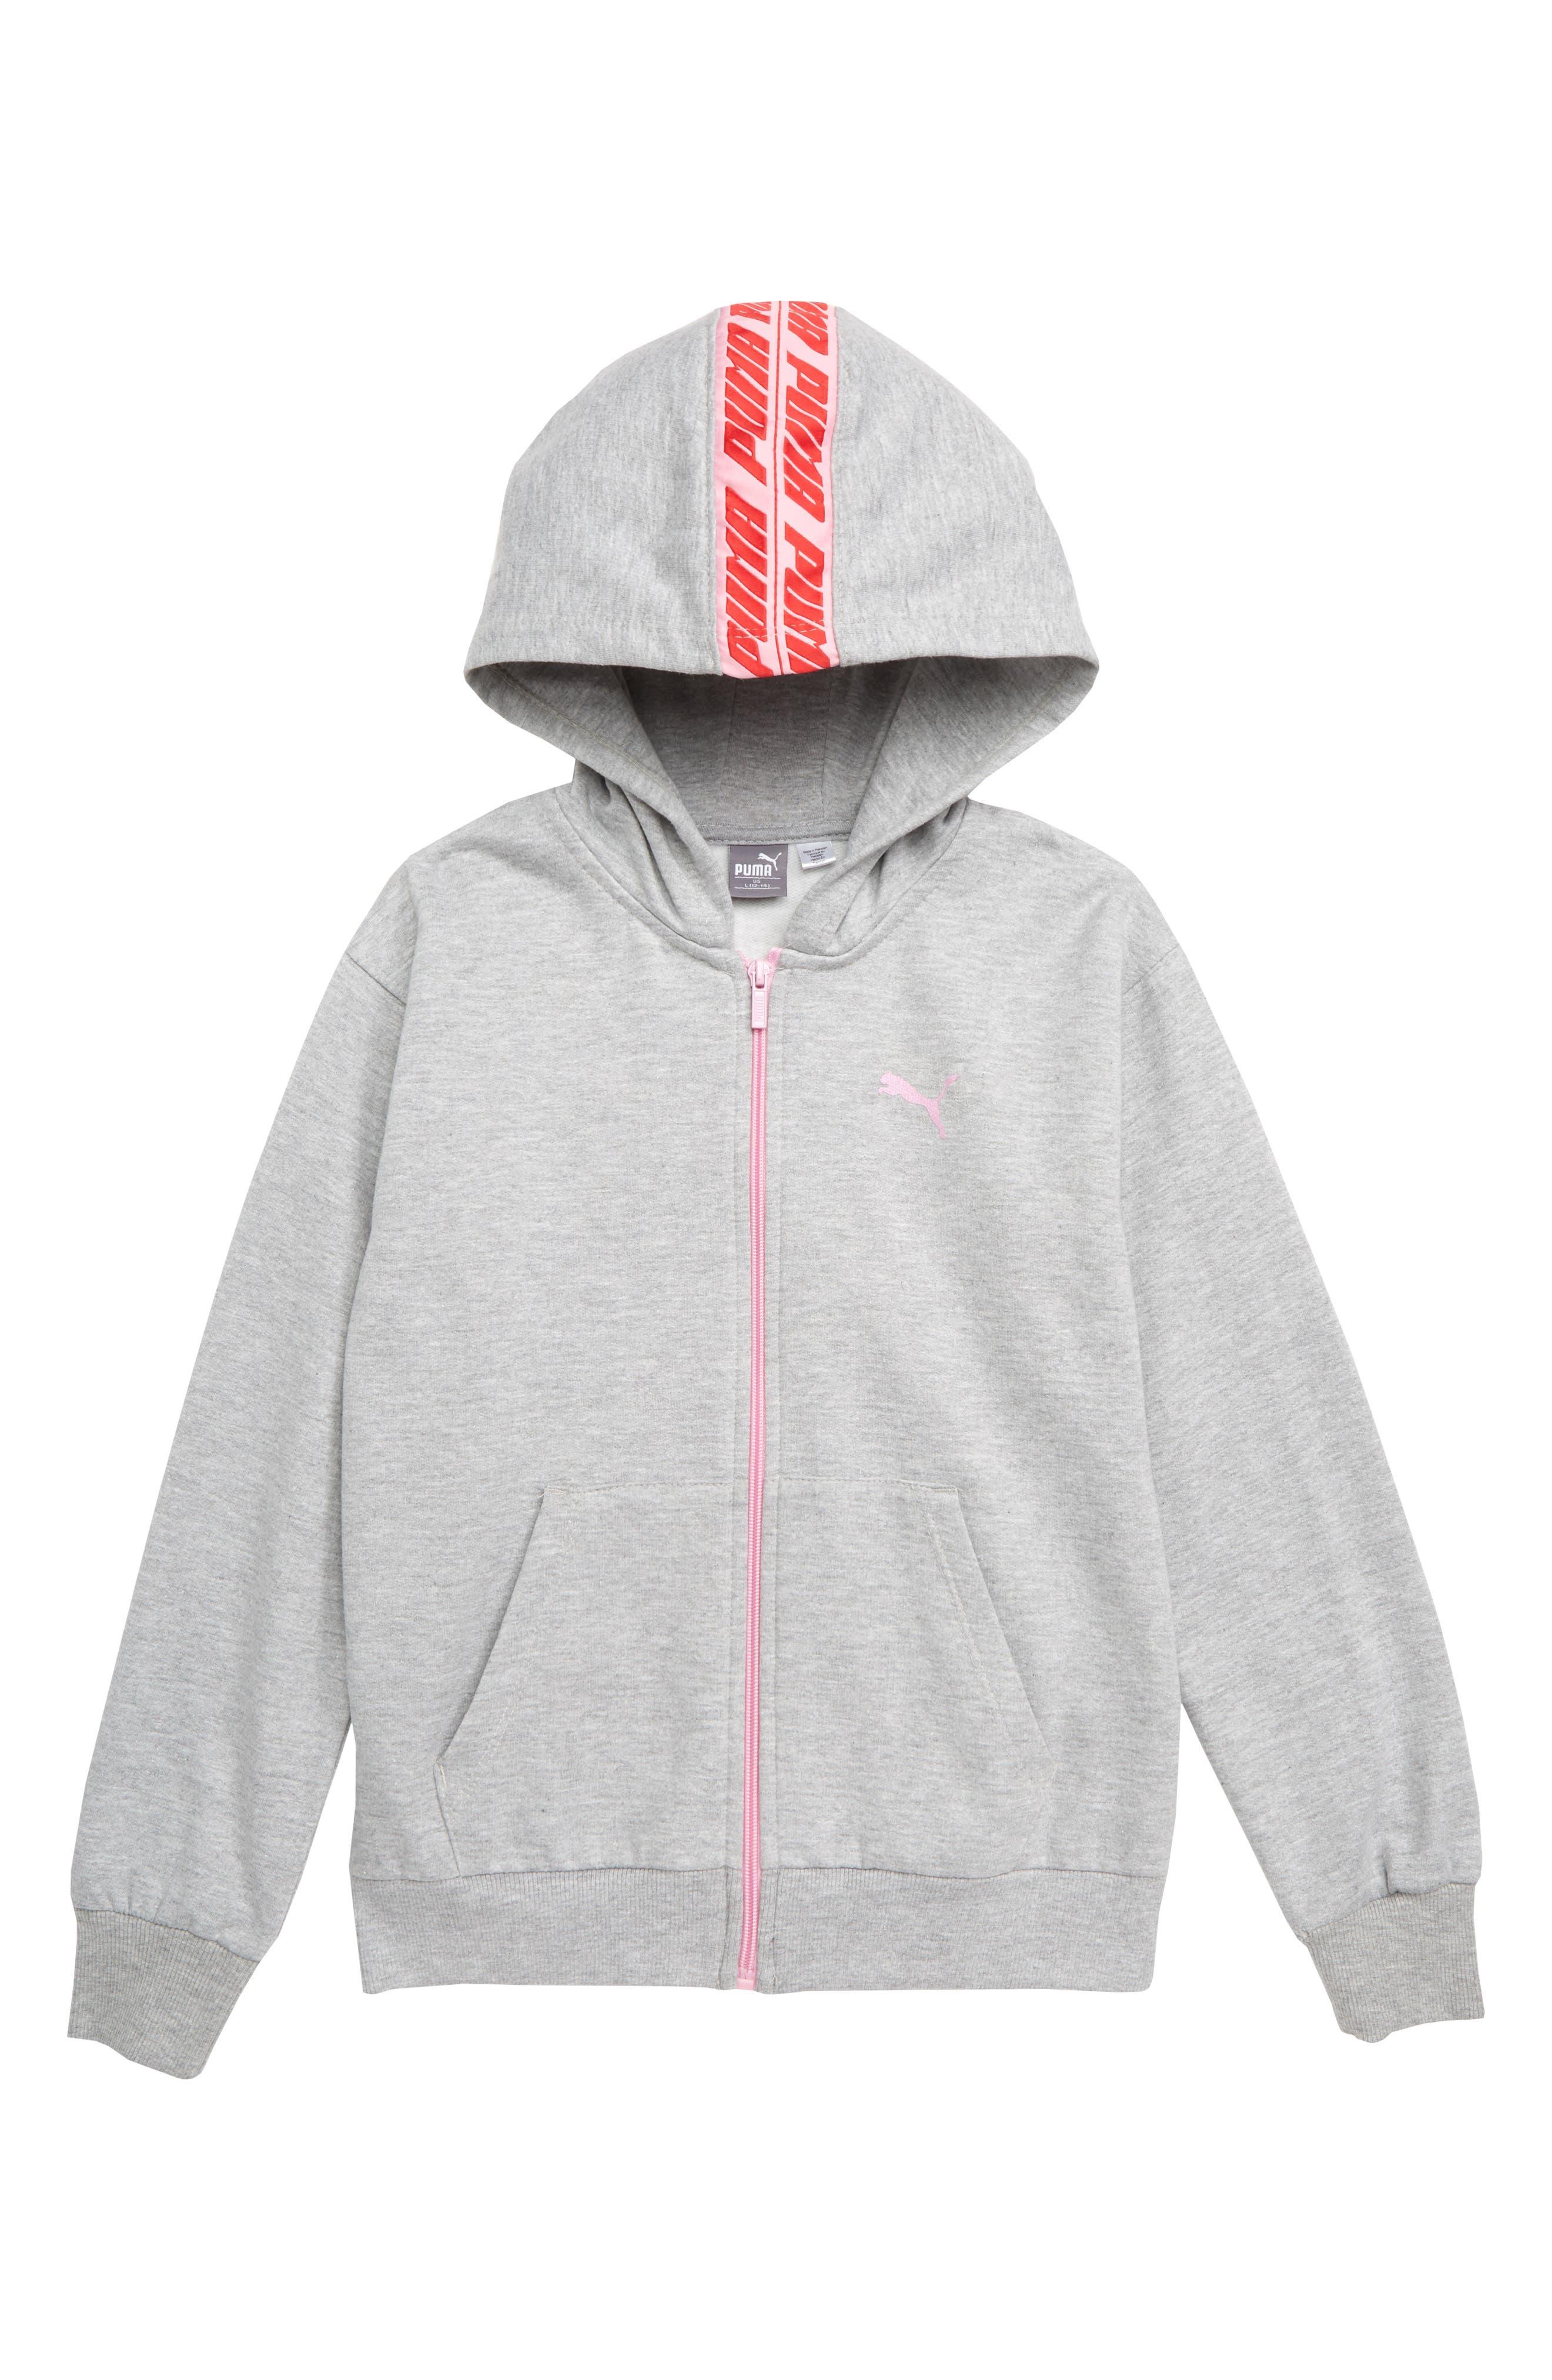 PUMA Fleece Zip Hoodie, Main, color, LIGHT HEATHER GREY